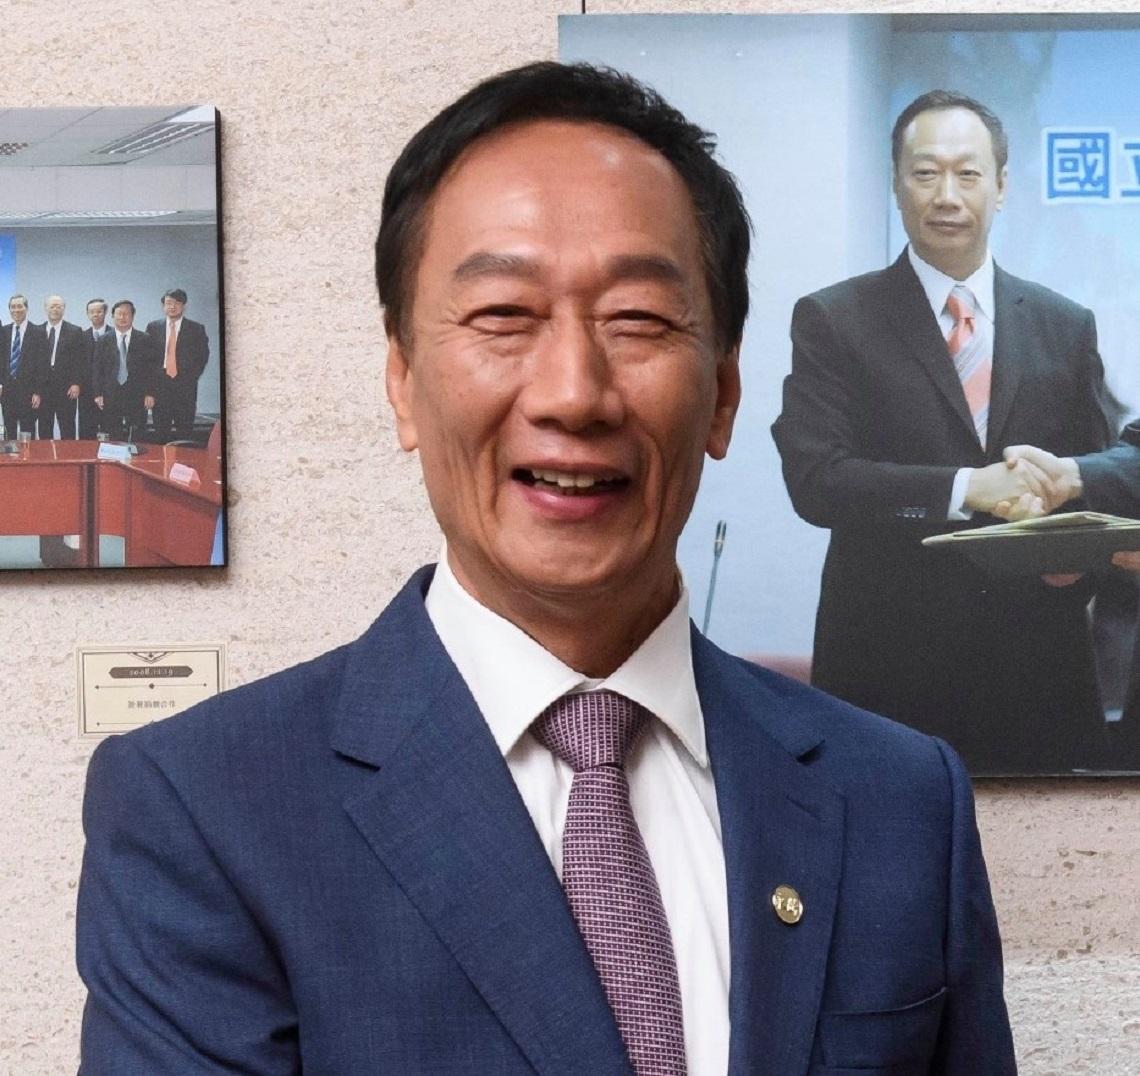 走向集體決策 鴻海9人經營委員會名單出爐